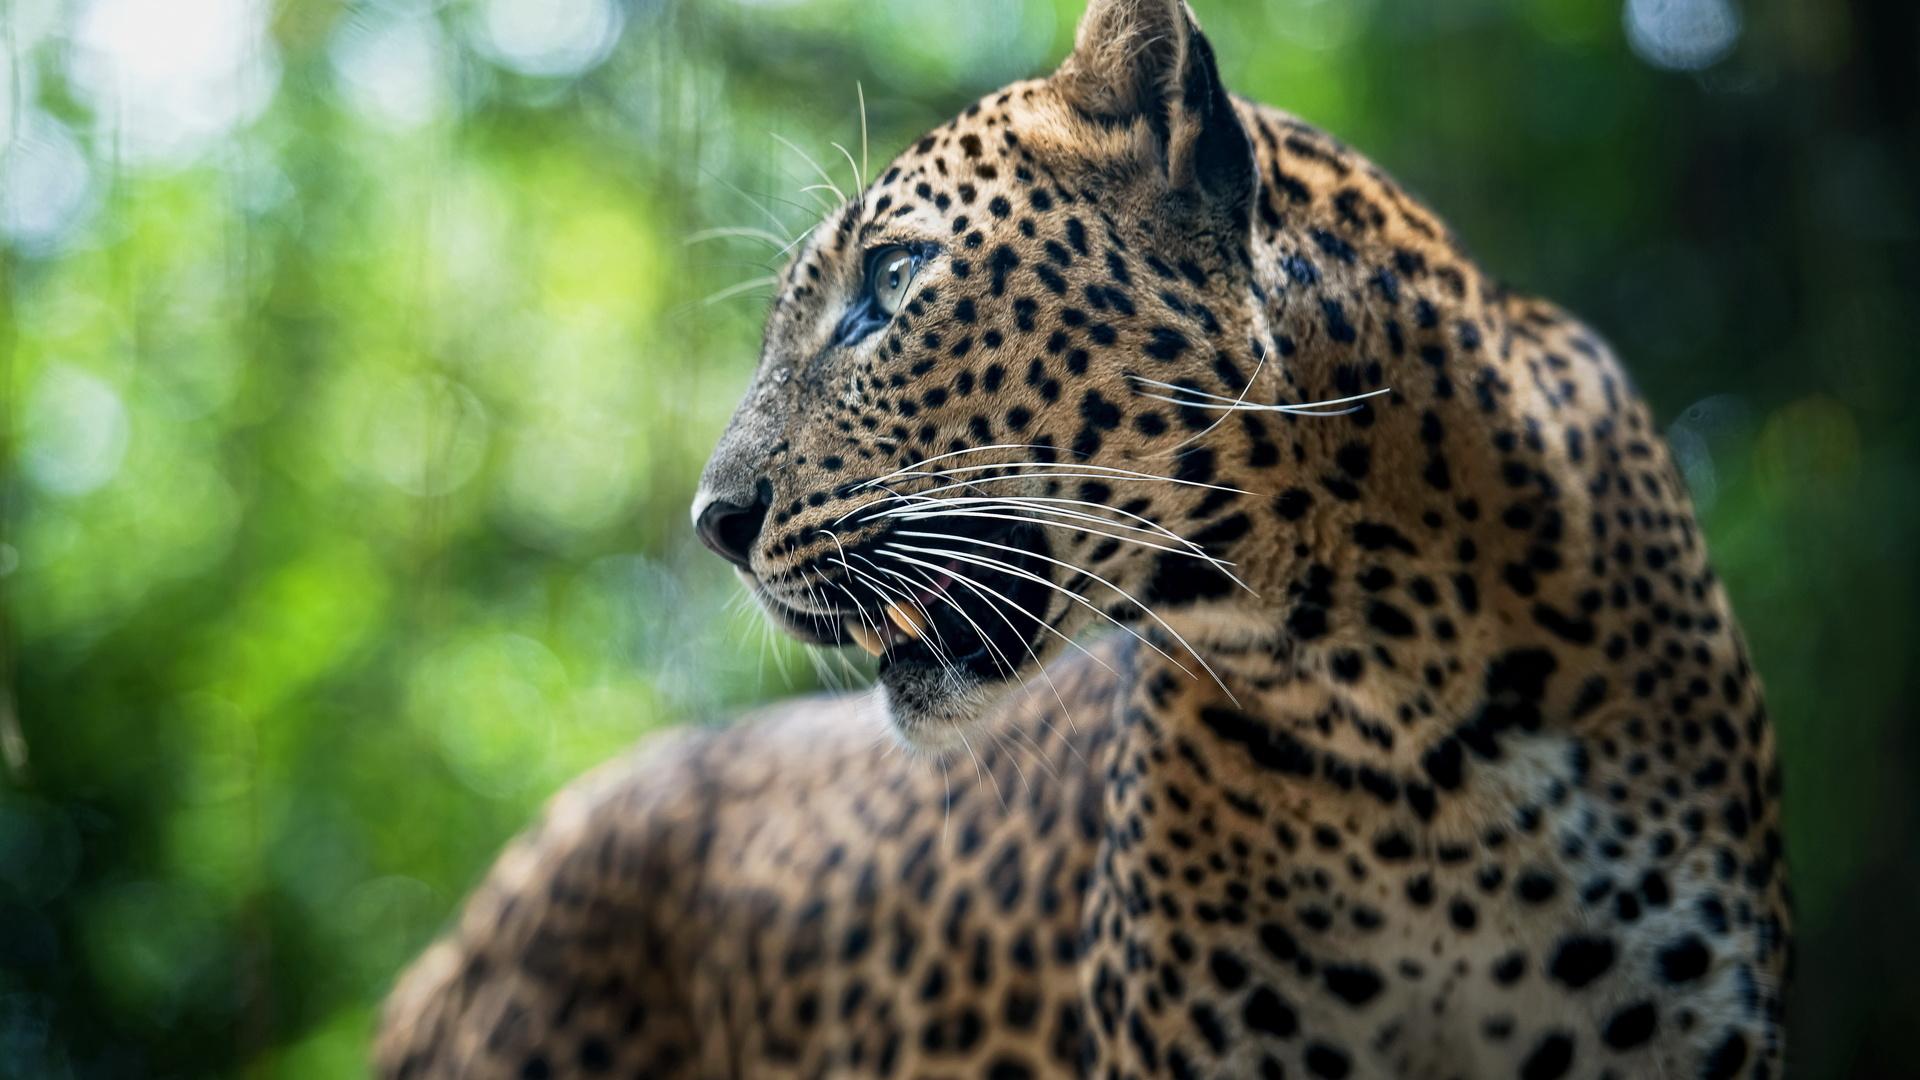 Картинка леопардов высоком качестве